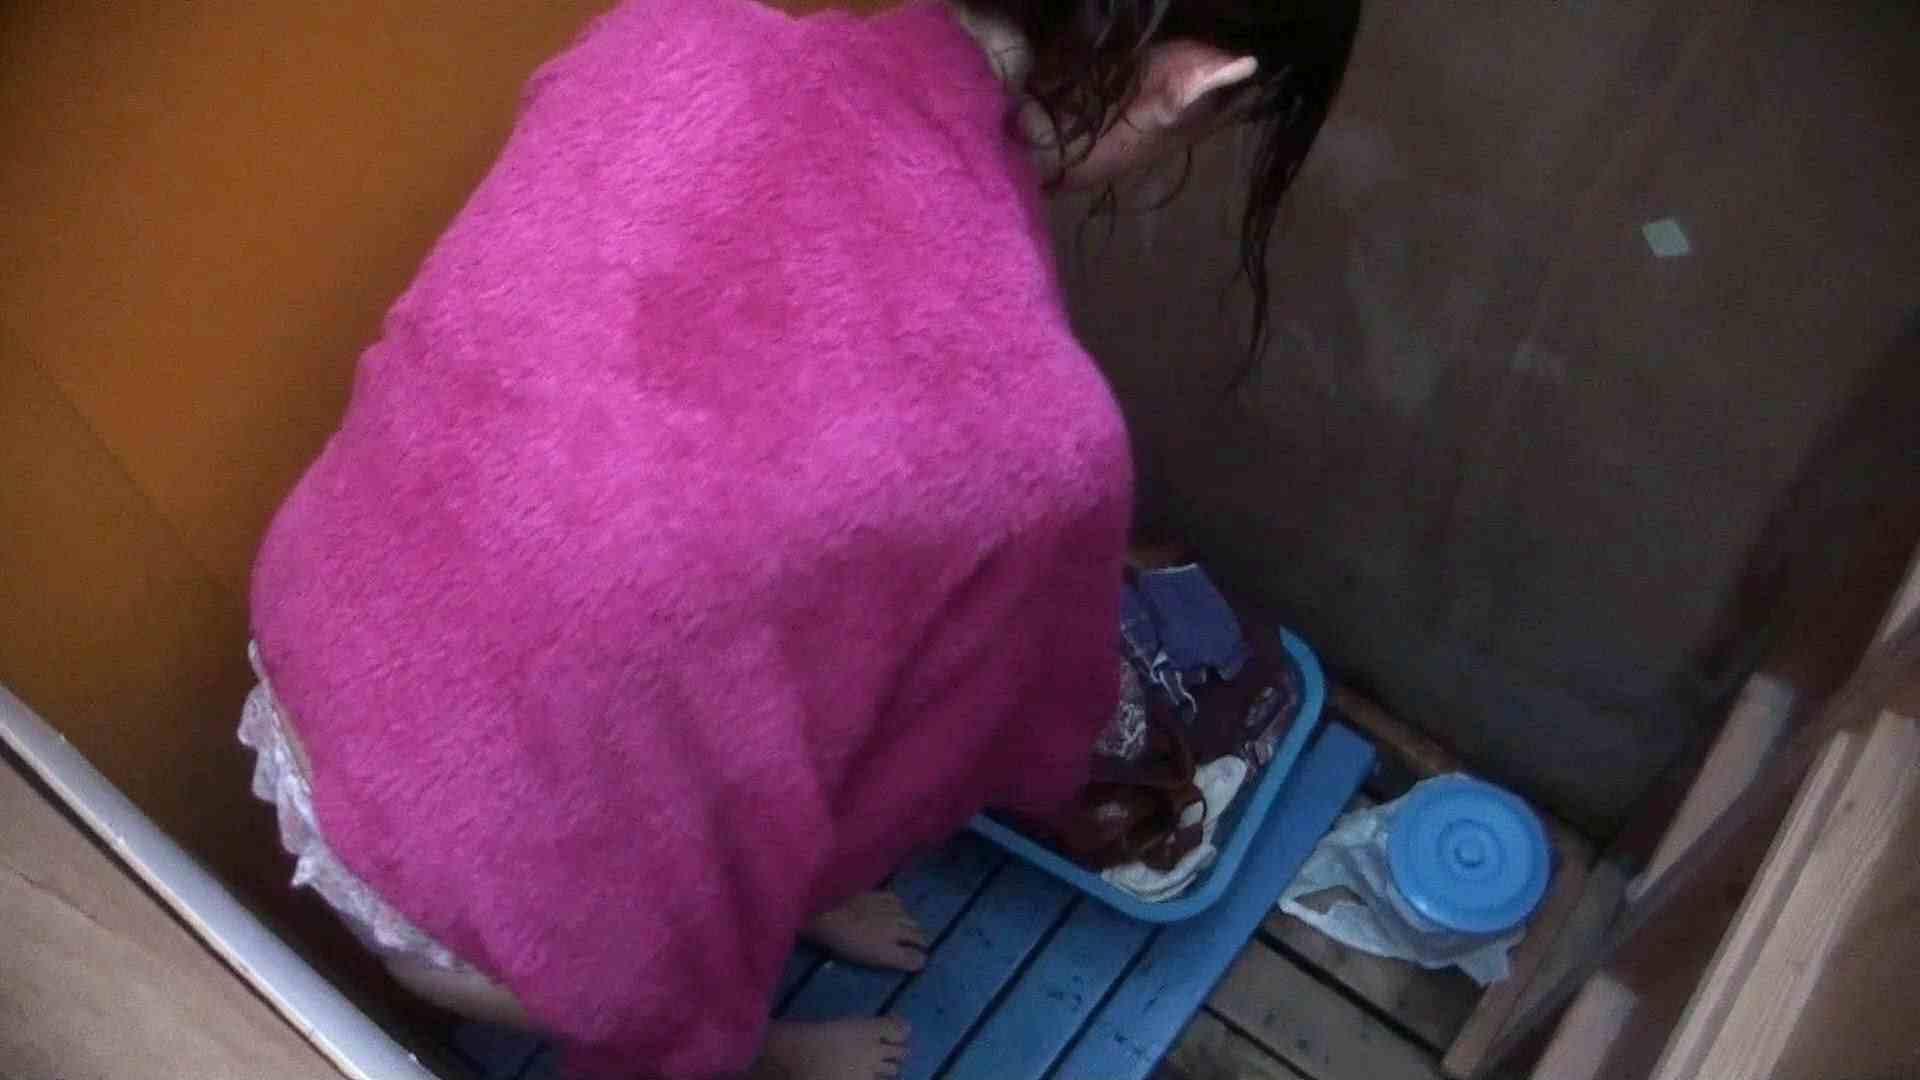 シャワールームは超!!危険な香りVol.29 こっちを向いて欲しい貧乳姉さん OLセックス  69画像 4